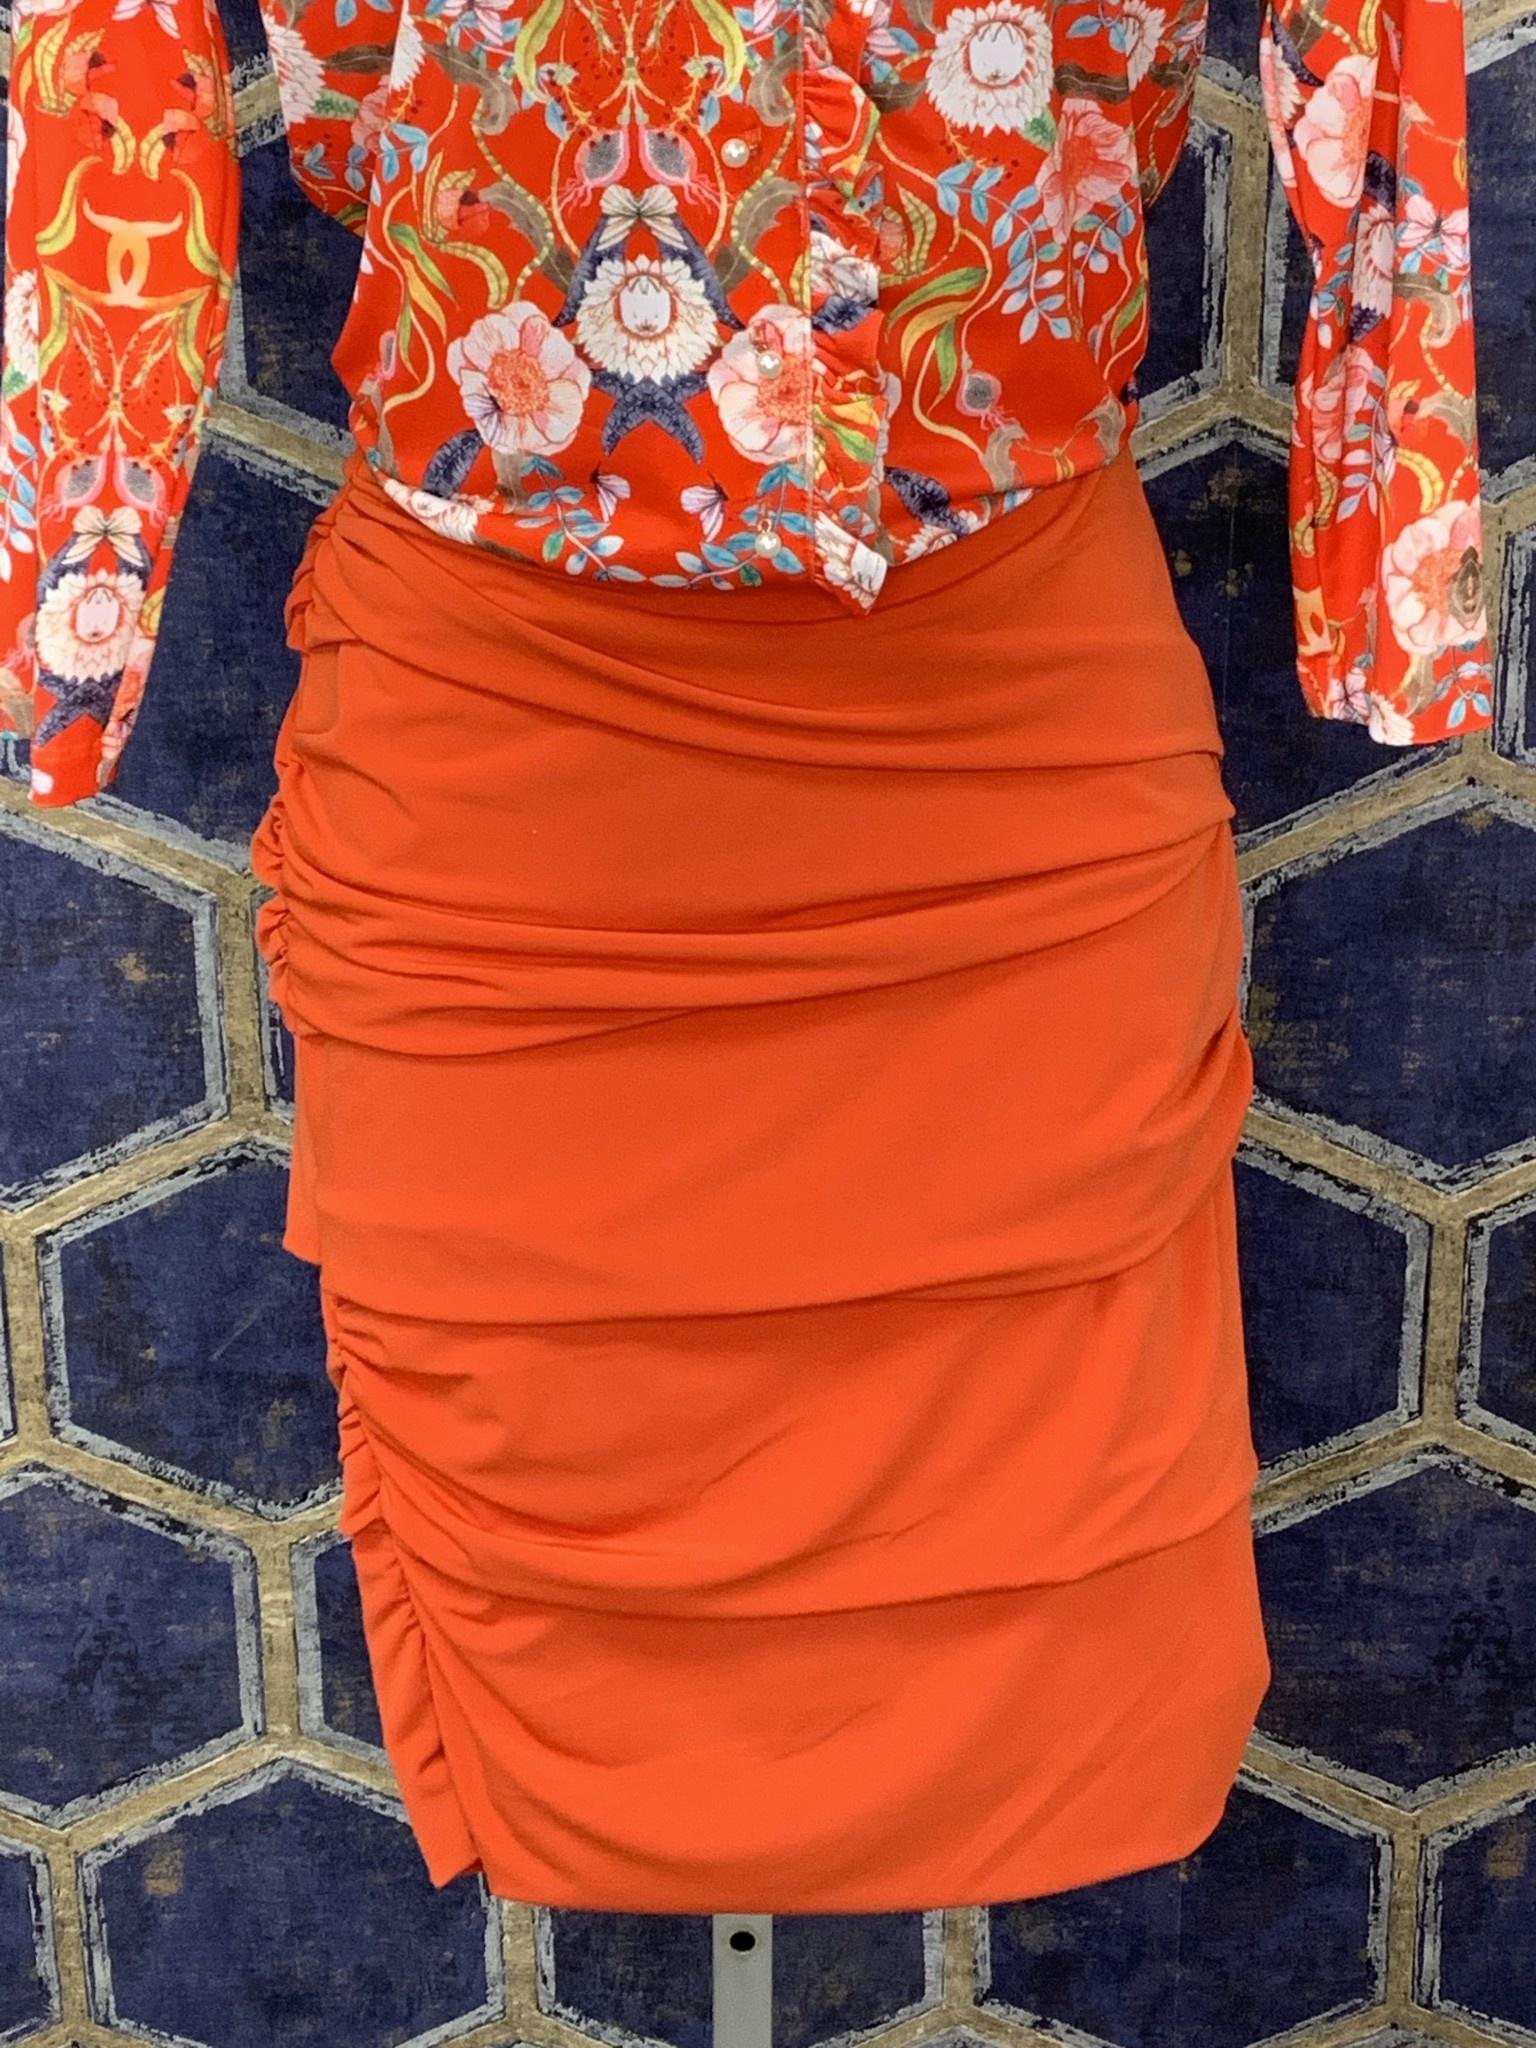 Layered Skirt - Tomato